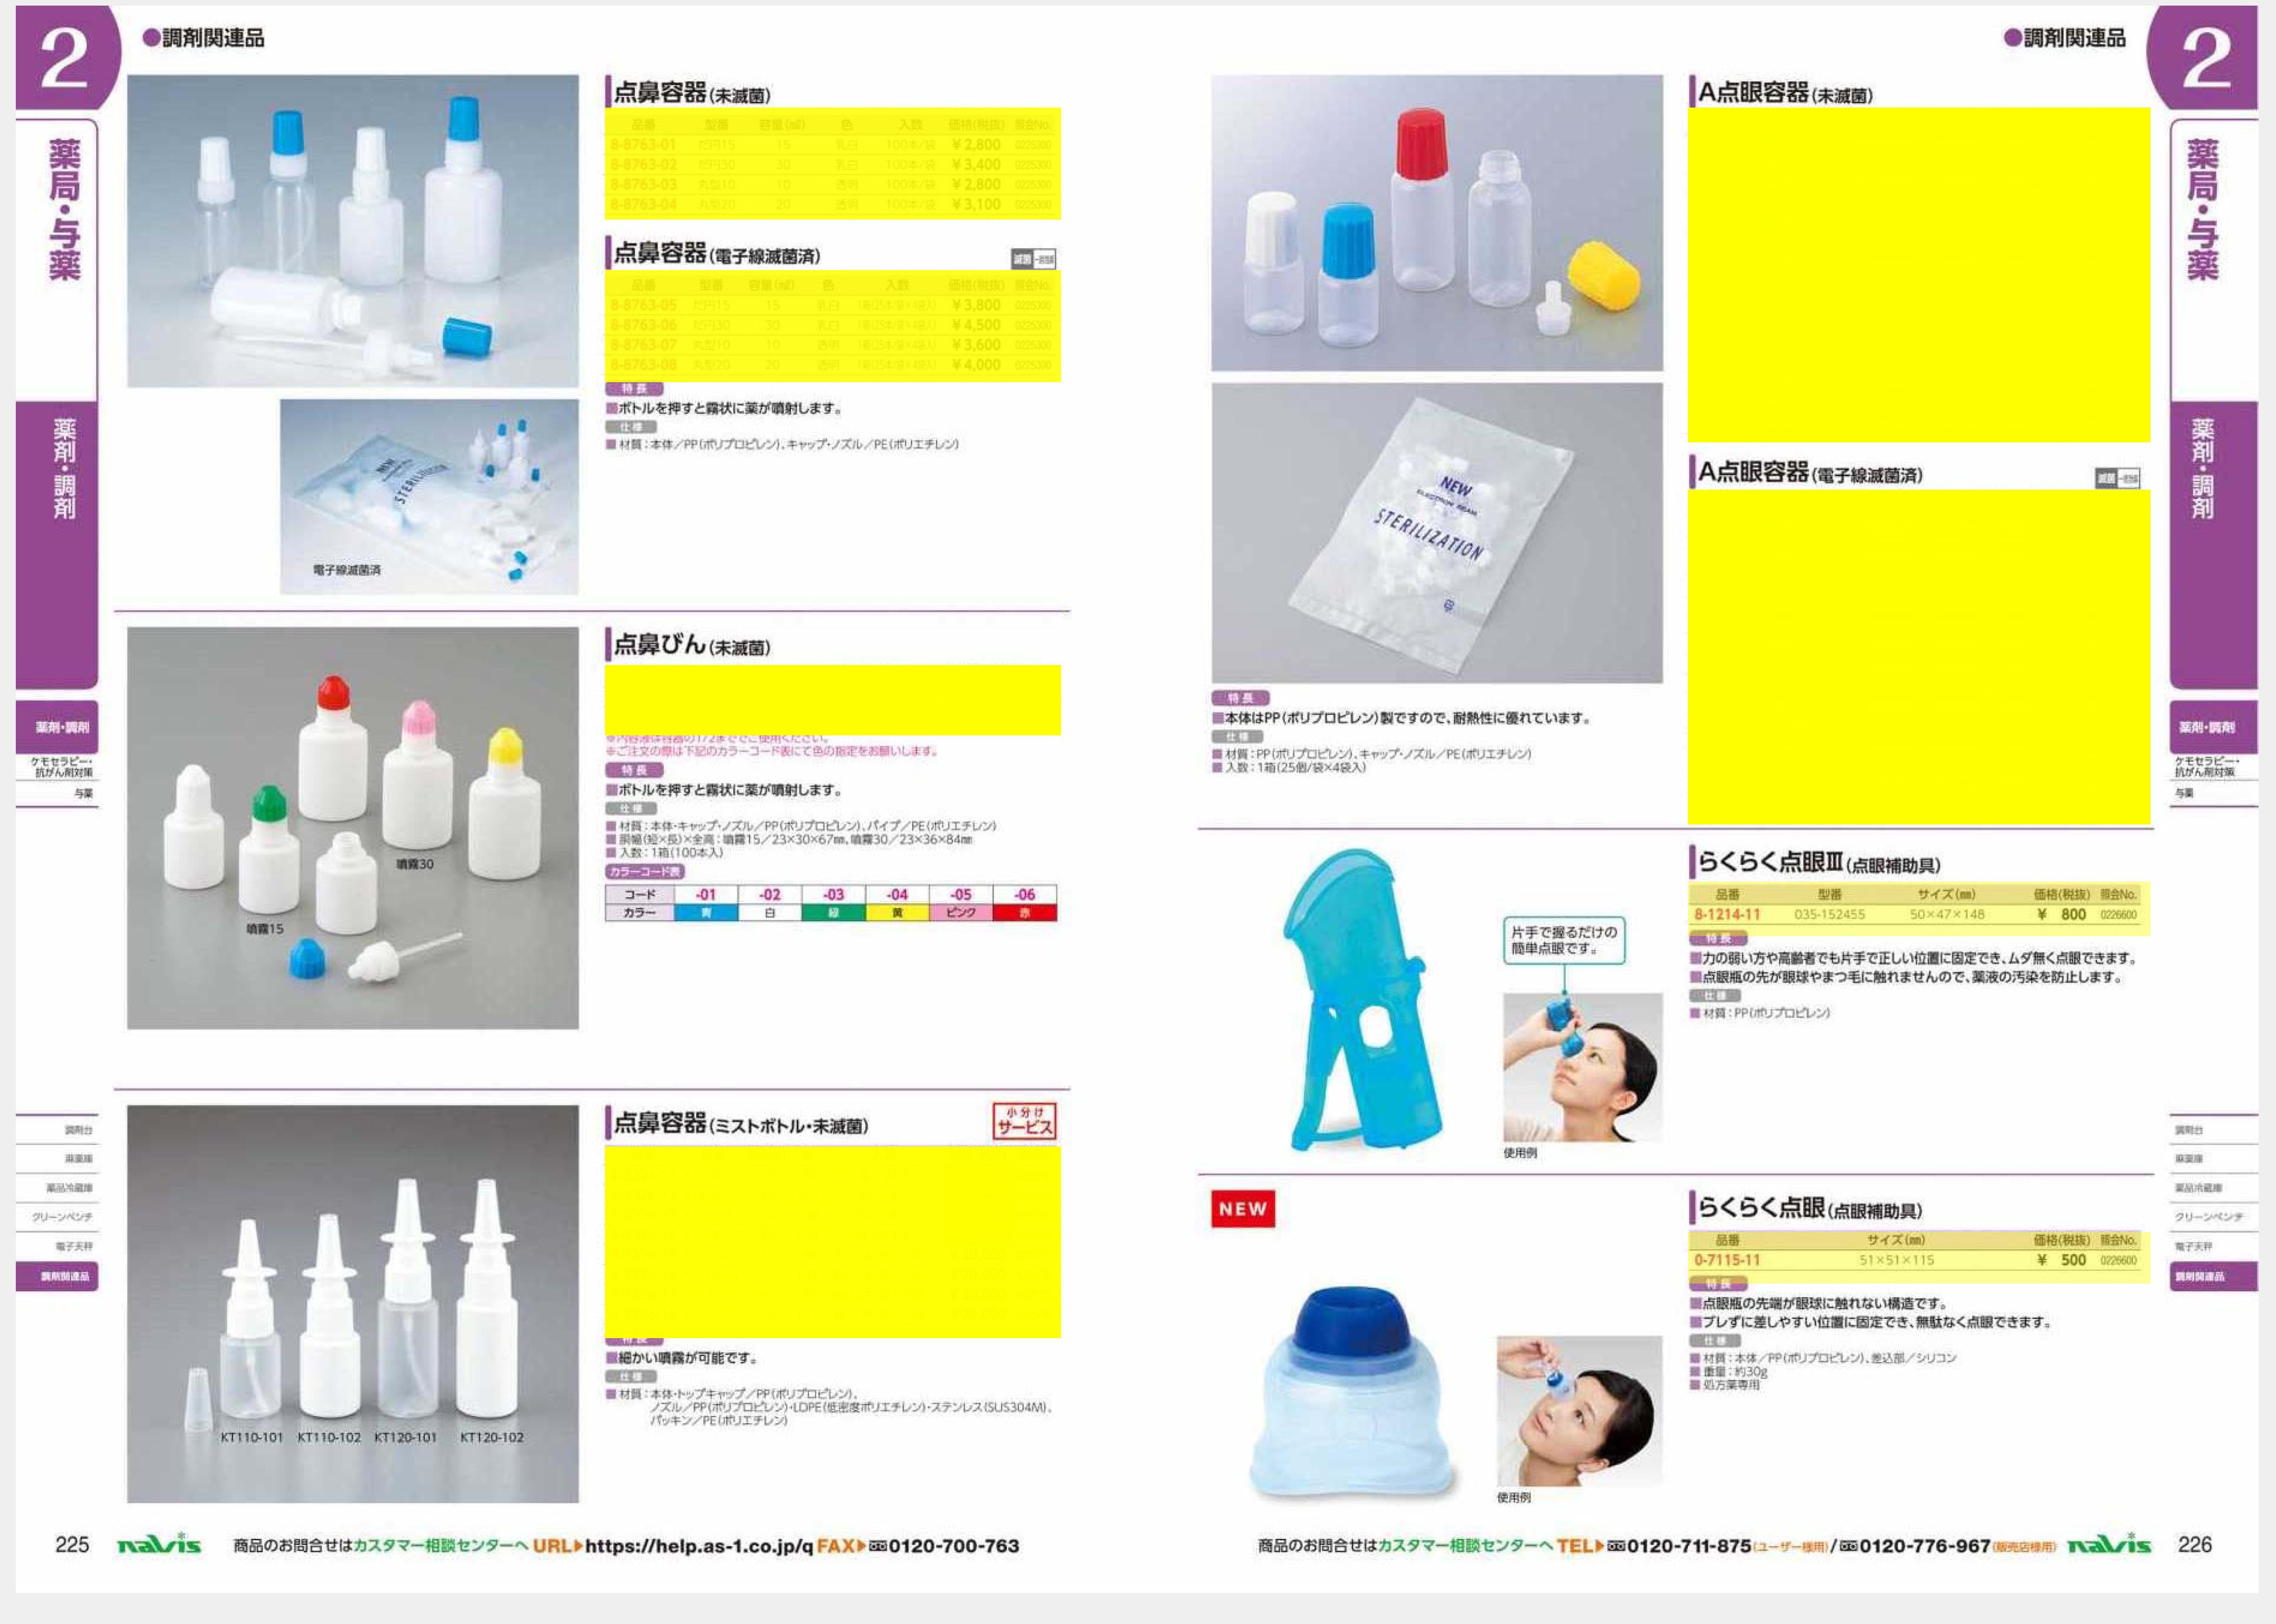 ナビス50000 8-3326-14 点鼻容器 30mL 乳白 10本入[袋](as1-8-3326-14)